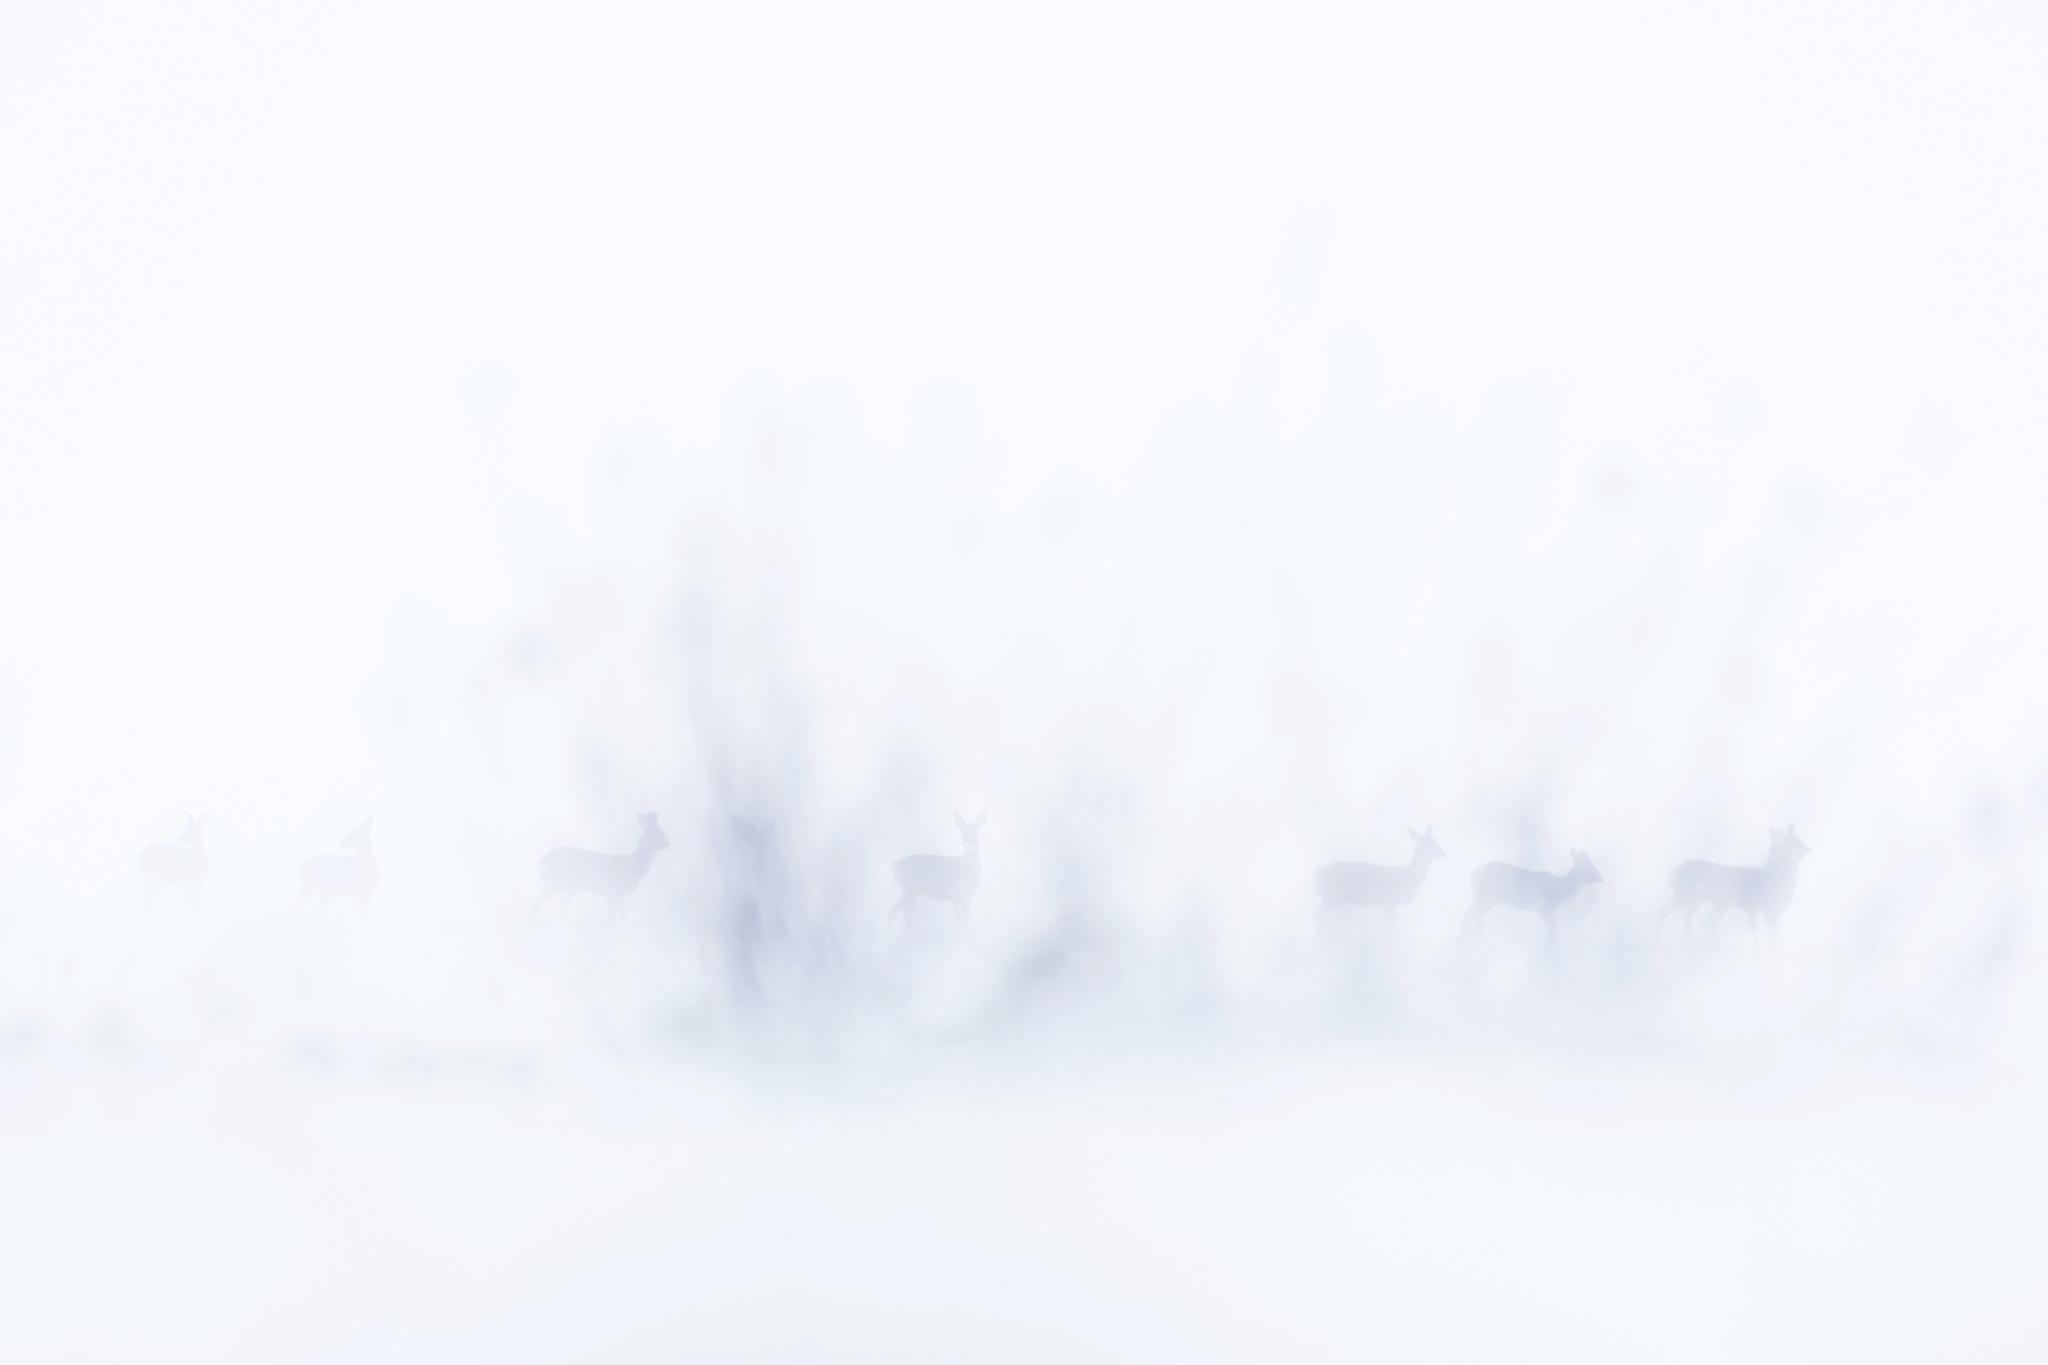 HEN-Marc-Expo-2019-Papier-1-En-pleine-tempête